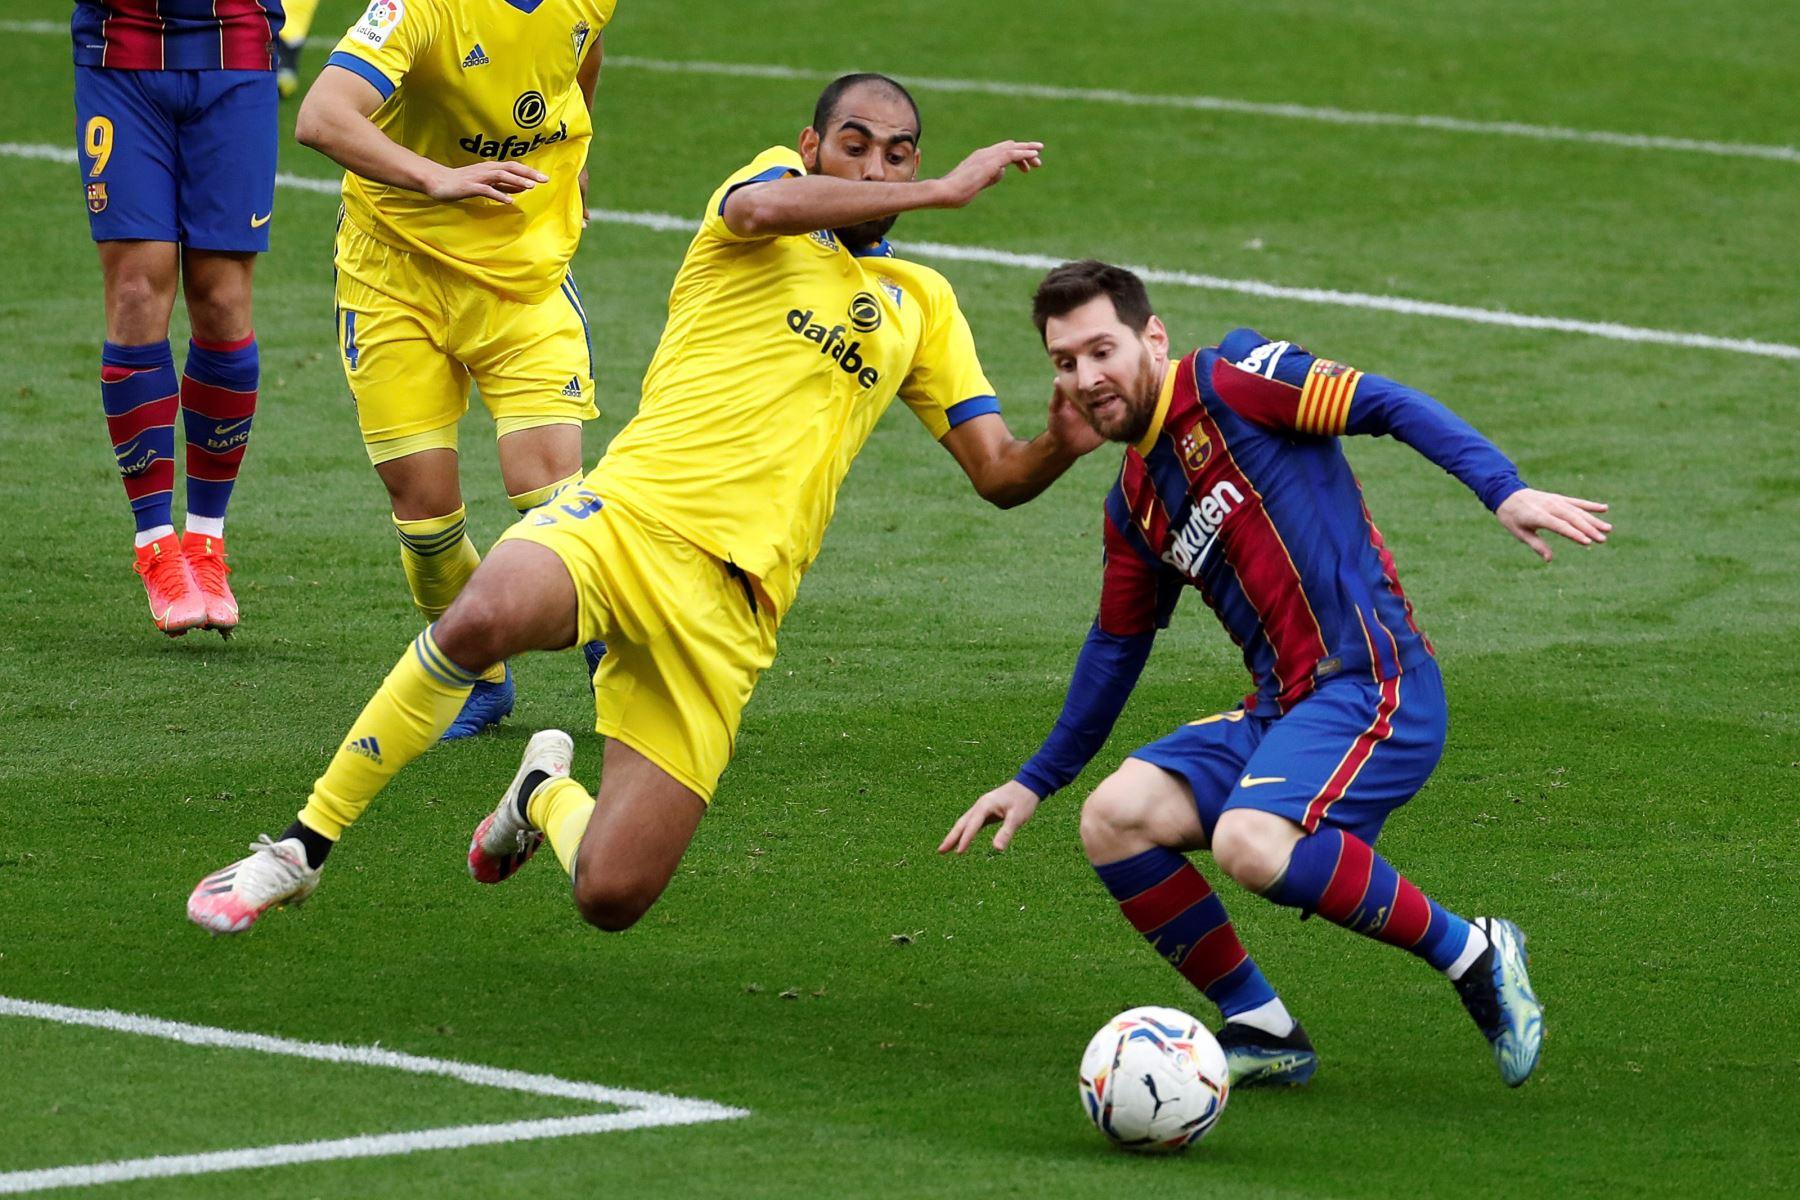 El jugador del FC Barcelona Lionel Messi lucha por el balón con el jugador del Cádiz Fali Jiménez, durante el partido de LaLiga Santander de la jornada 24,  en el Camp Nou en Barcelona. Foto: EFE